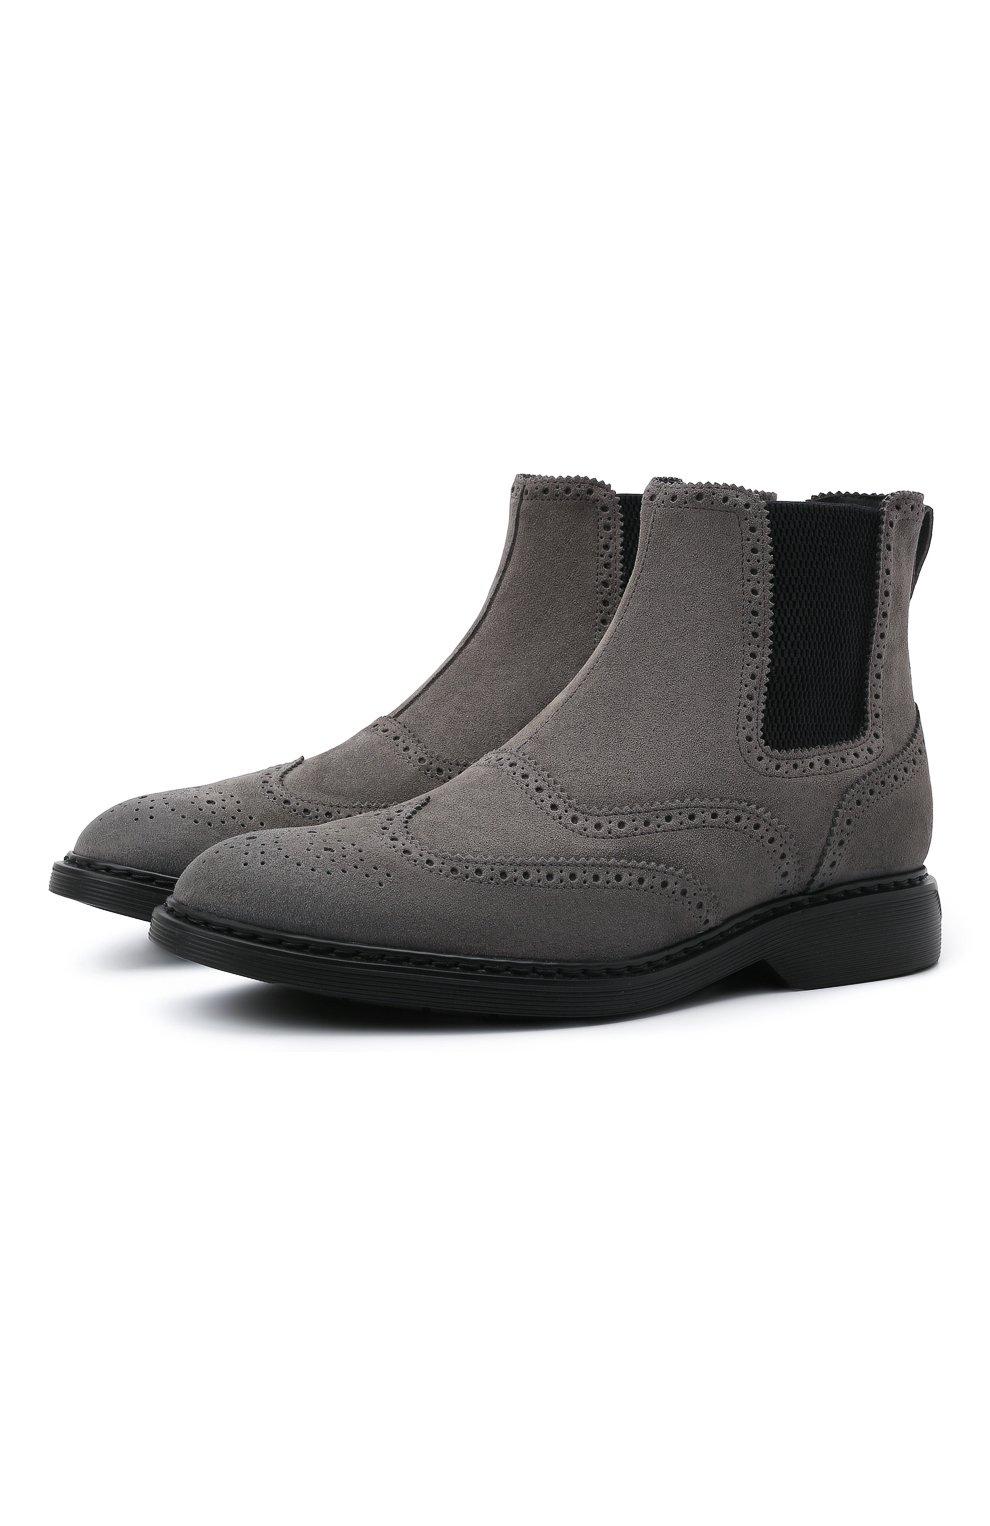 Мужские замшевые челси HOGAN серого цвета, арт. HXM5760DT40HG0 | Фото 1 (Материал внутренний: Текстиль; Подошва: Плоская; Мужское Кросс-КТ: Сапоги-обувь, Челси-обувь; Материал внешний: Замша)